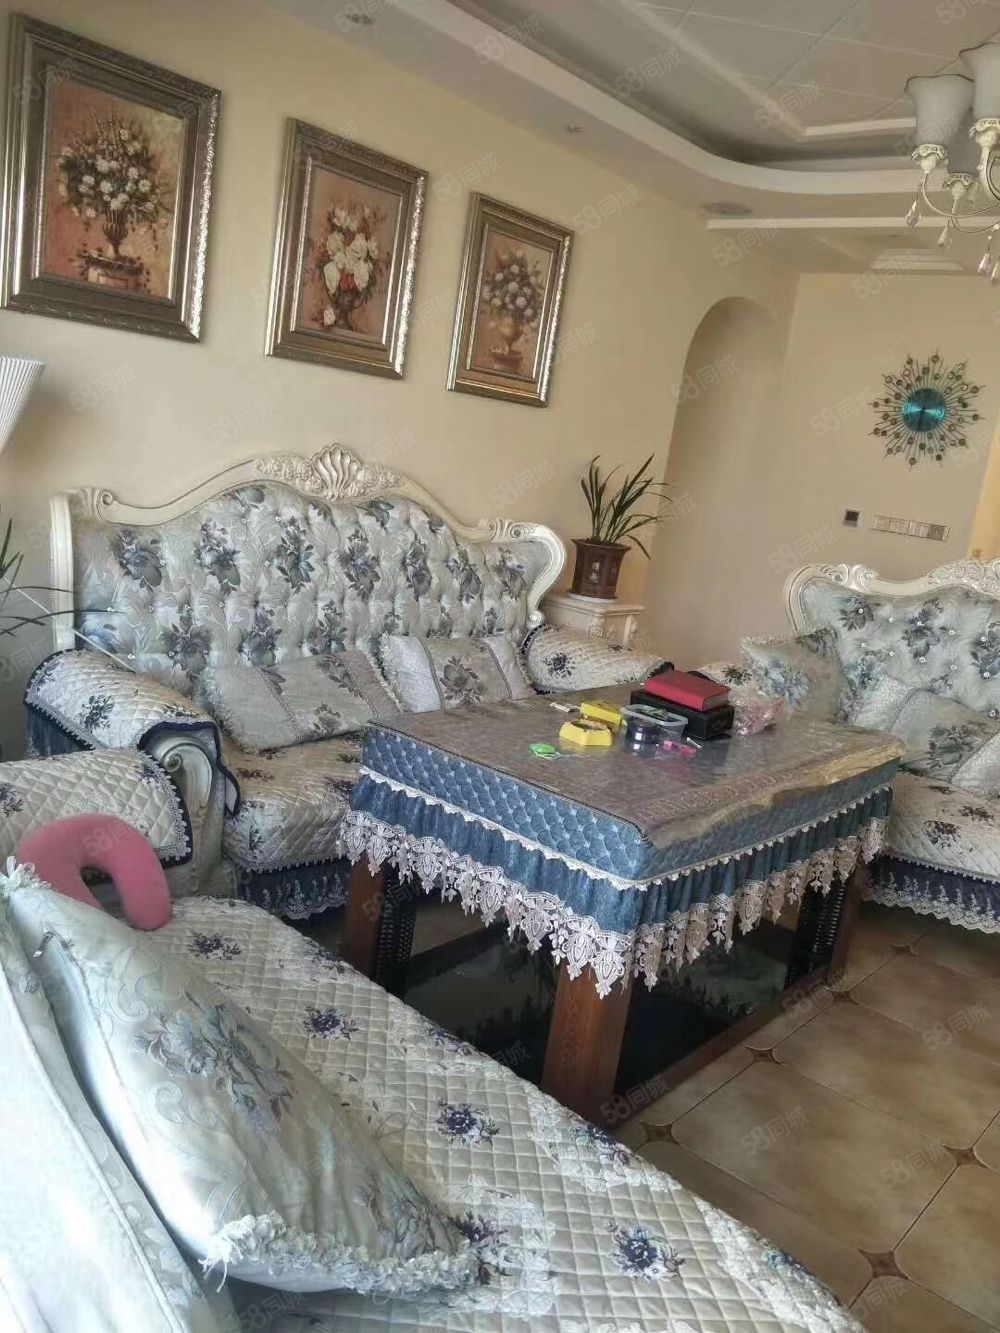 三?#20449;?#36152;市场里面二楼出租,价格便宜,老房子,部分家具